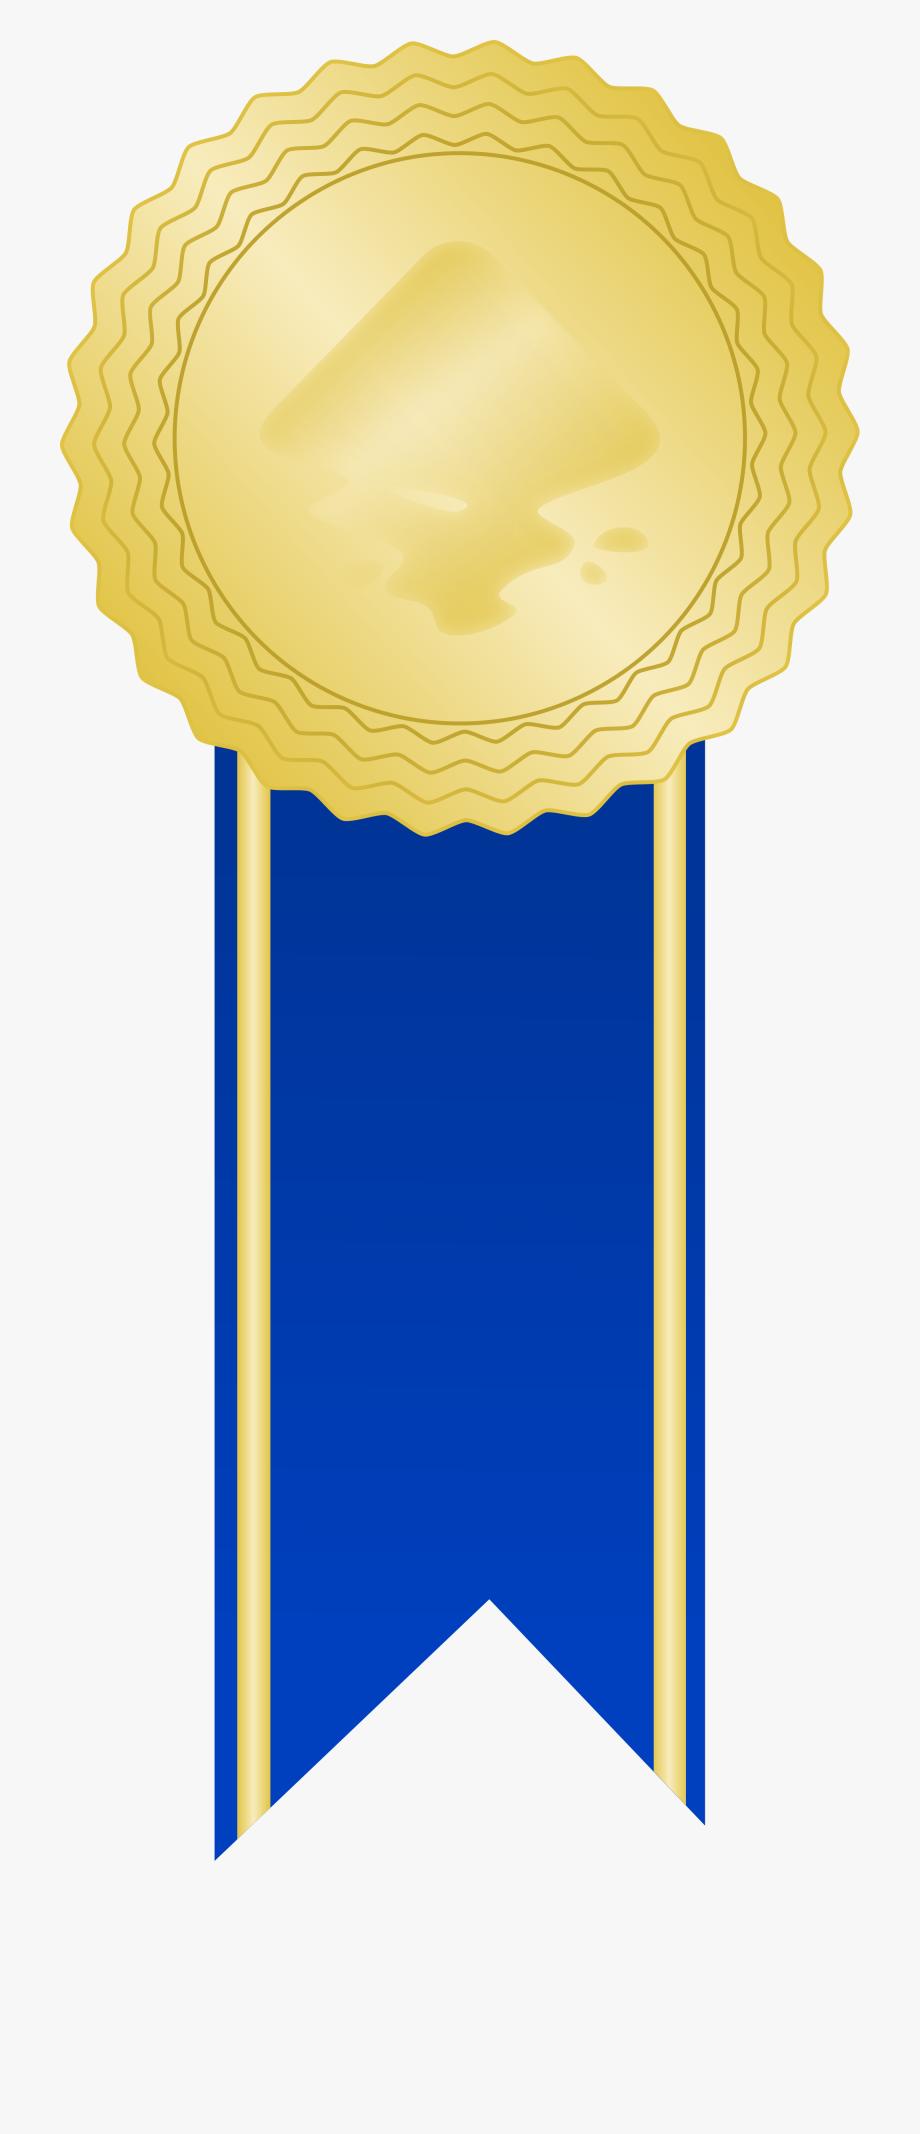 Award Clipart Participation Ribbon.